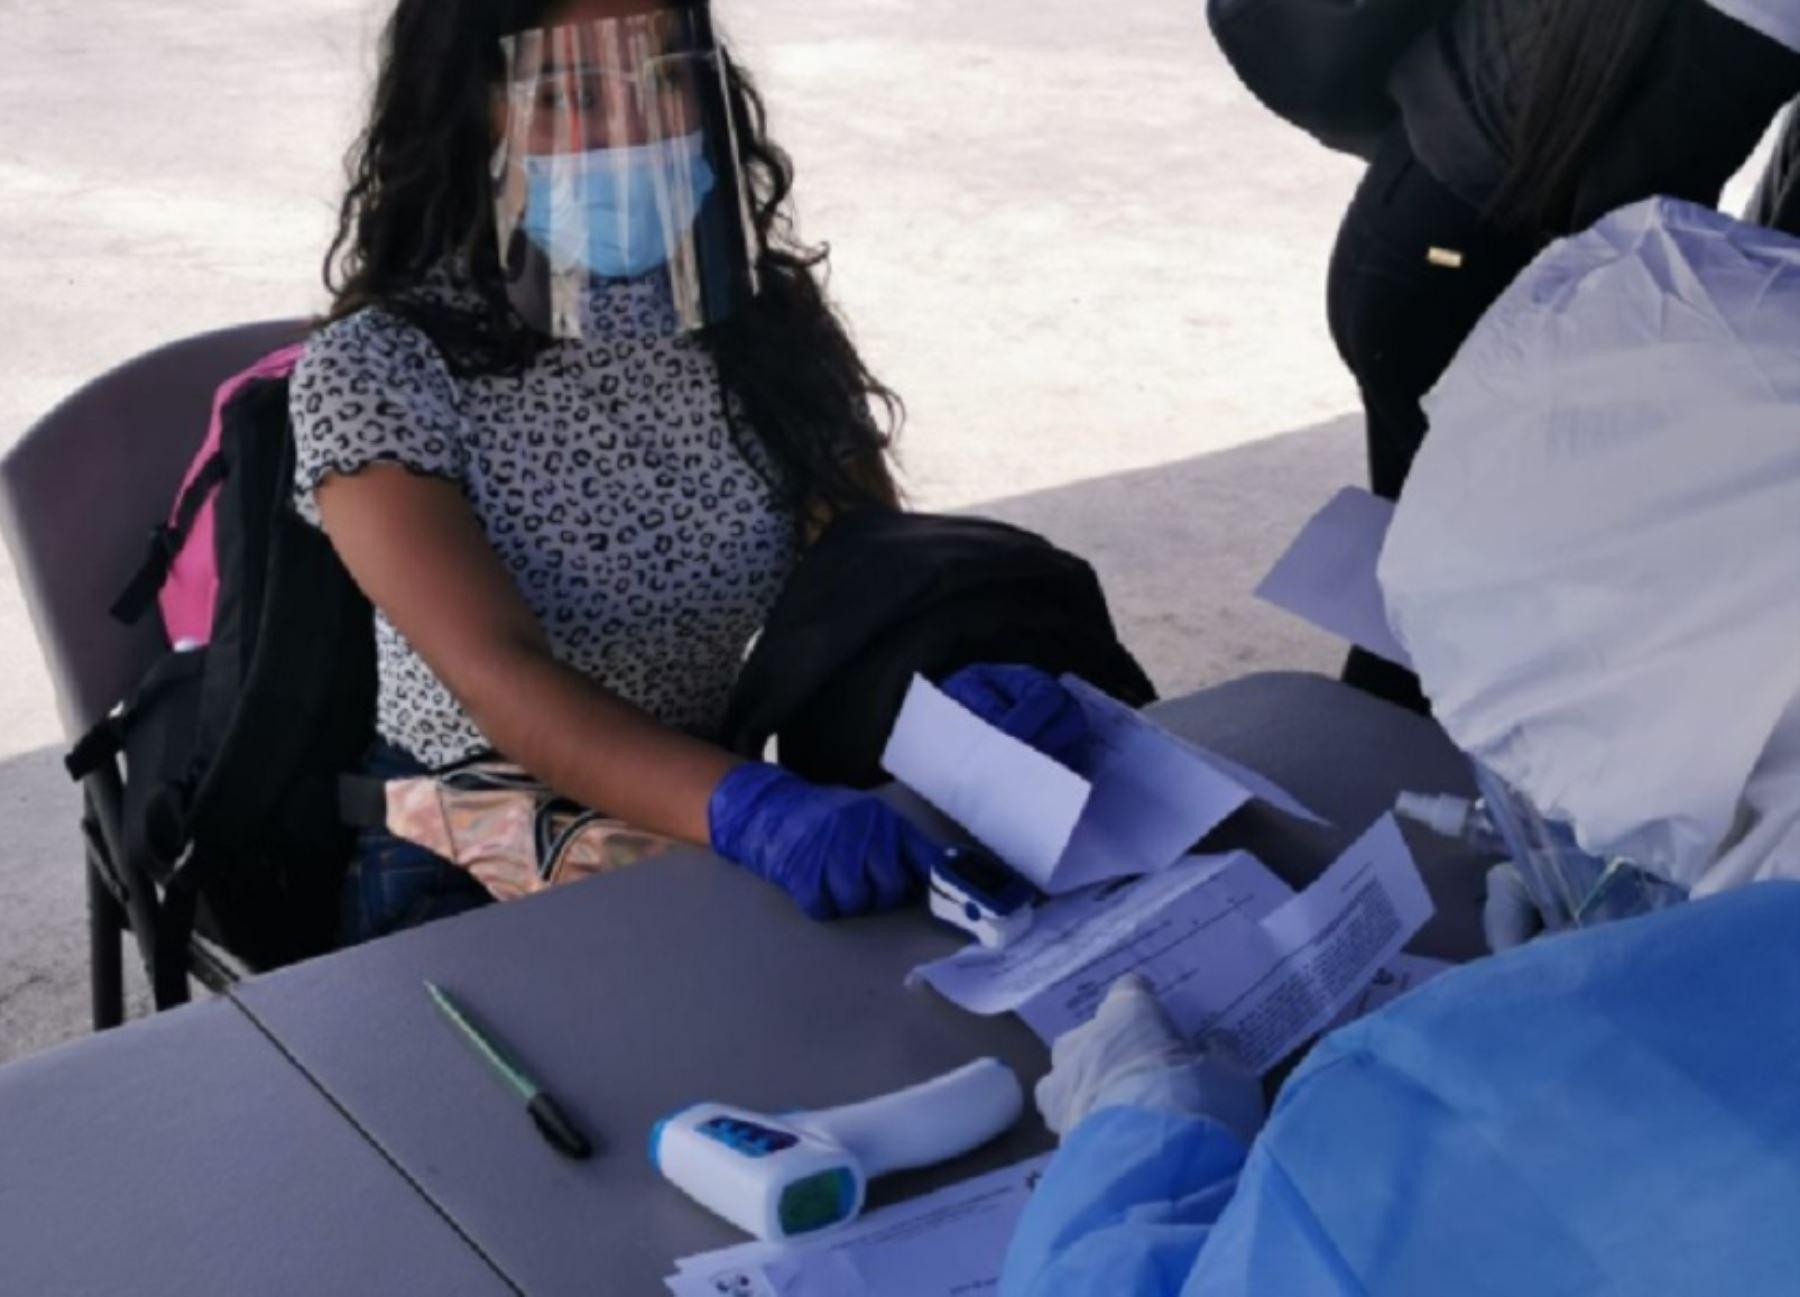 El Instituto Nacional de Salud destacó el cerco epidemiológico impuesto en Arequipa para contener la pandemia. ANDINA/Difusión